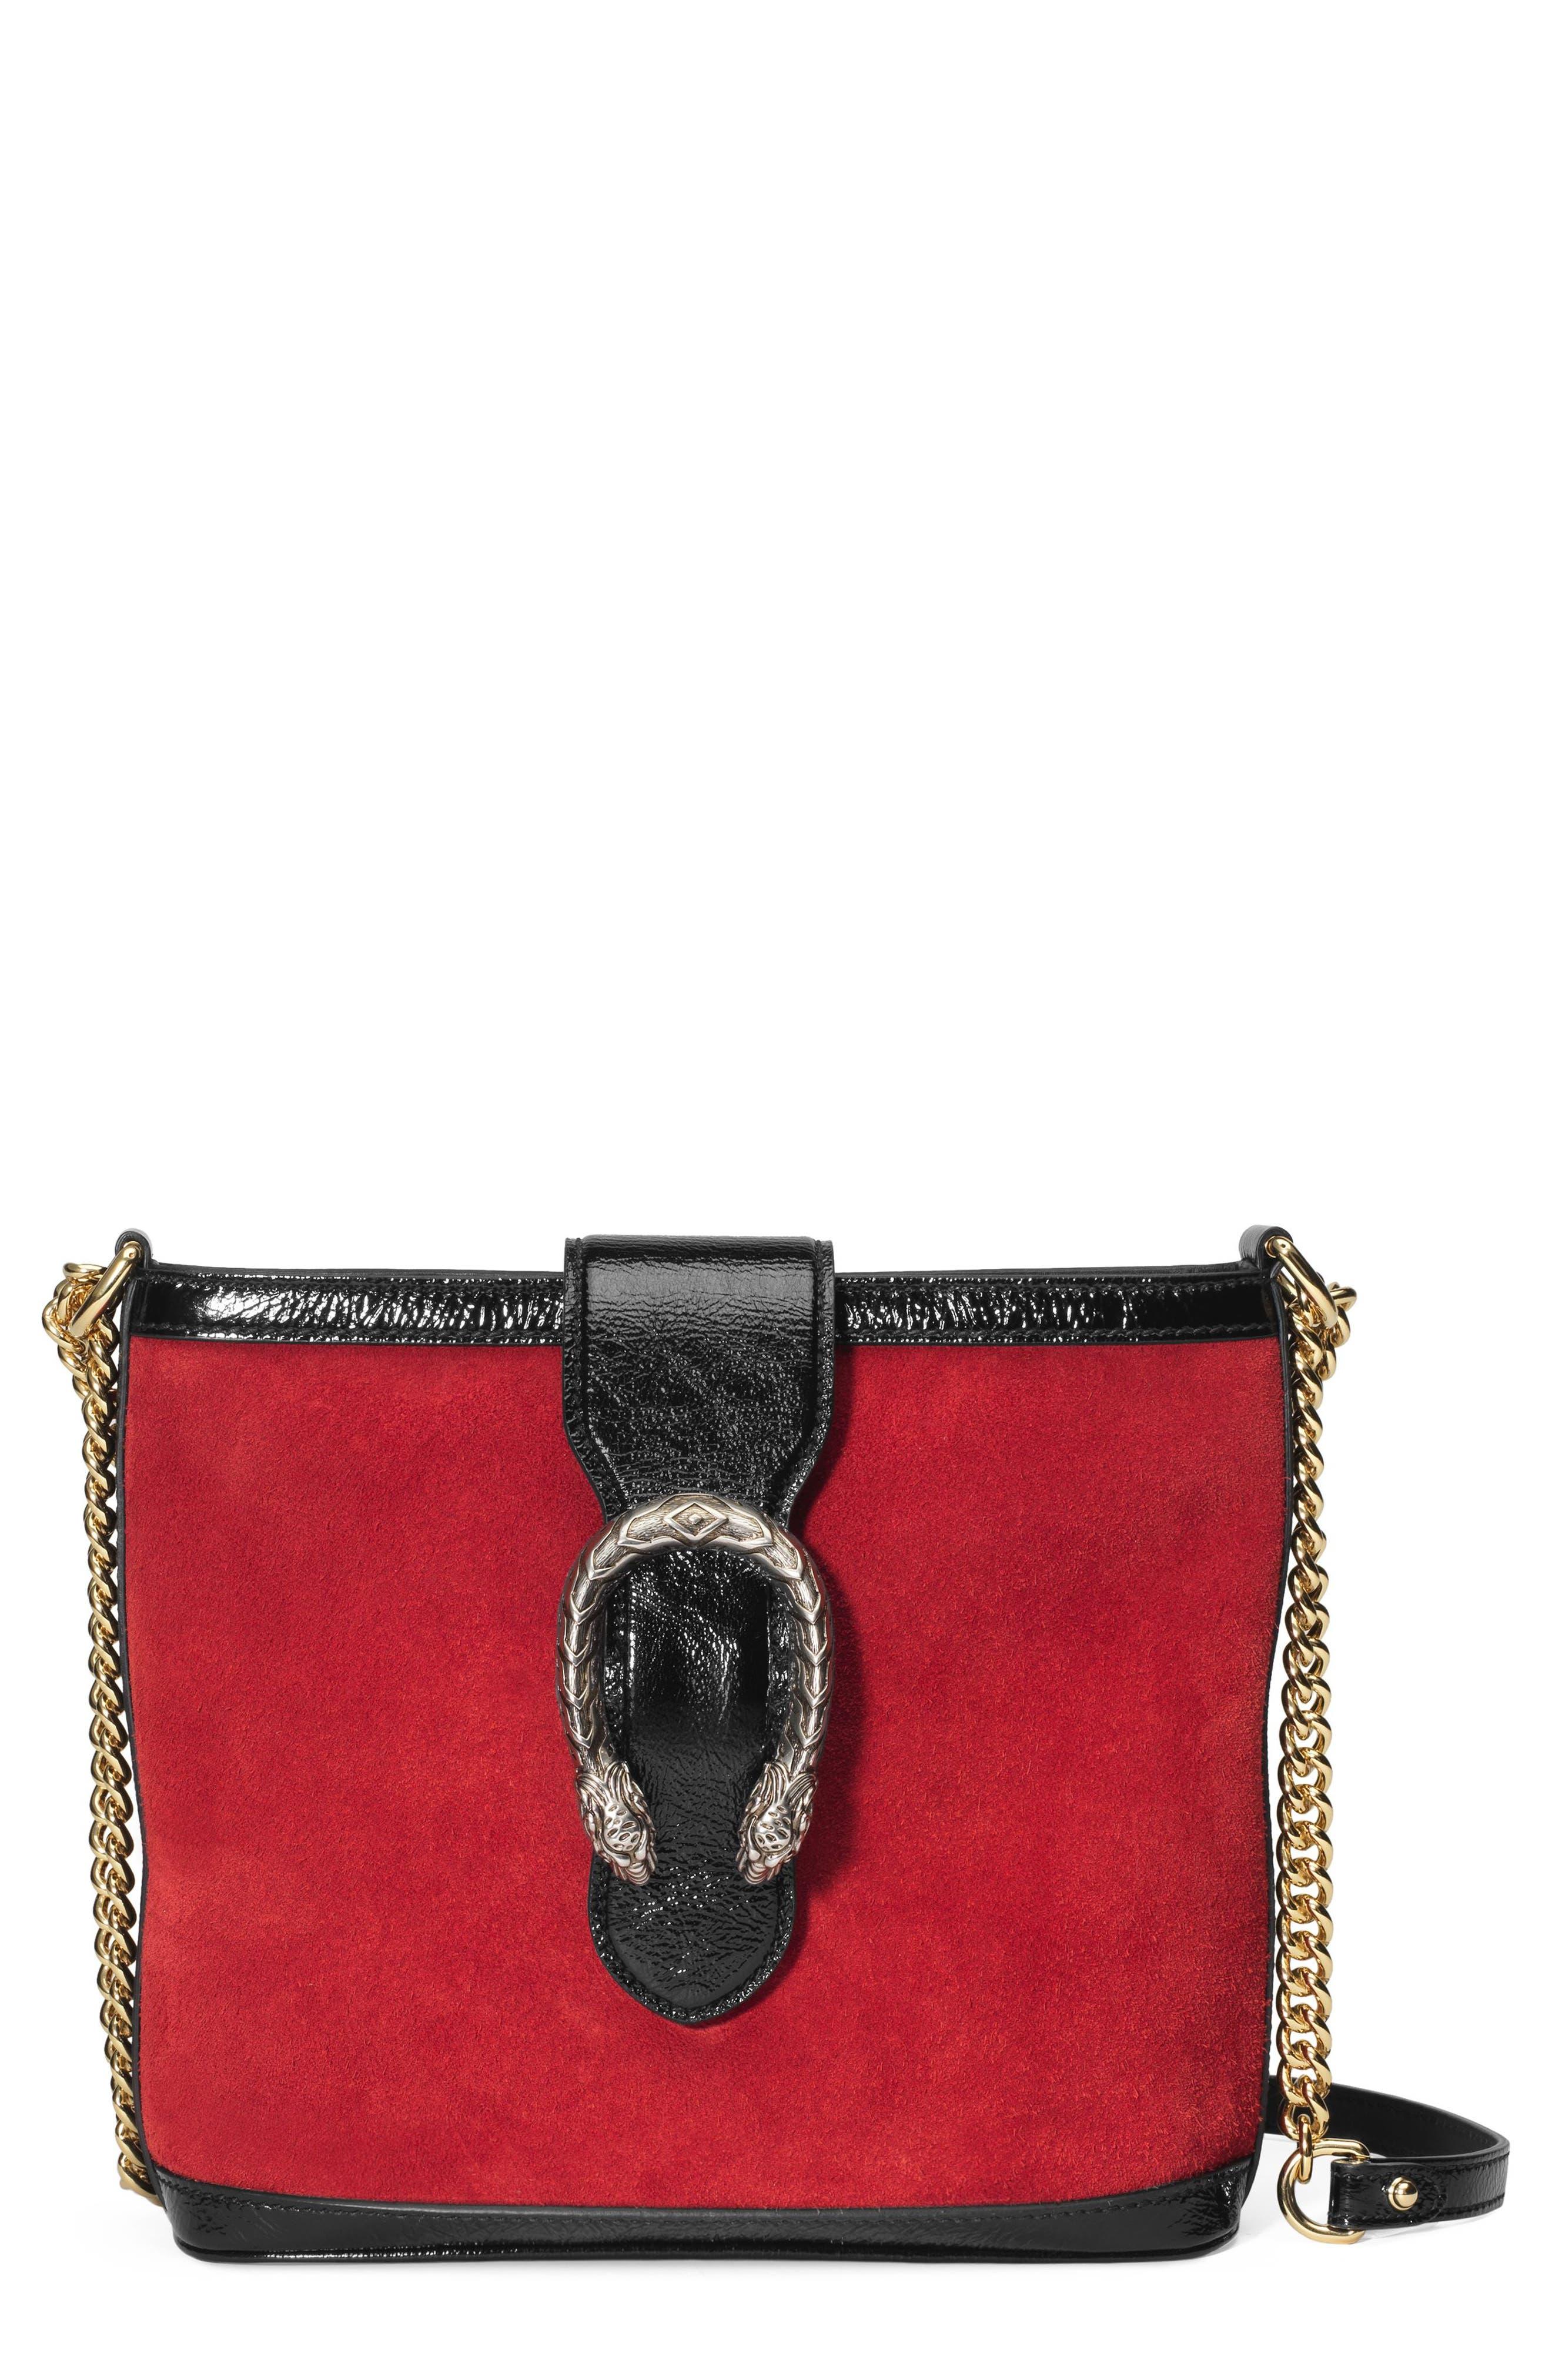 Gucci Medium Dionysus Suede Shoulder Bag